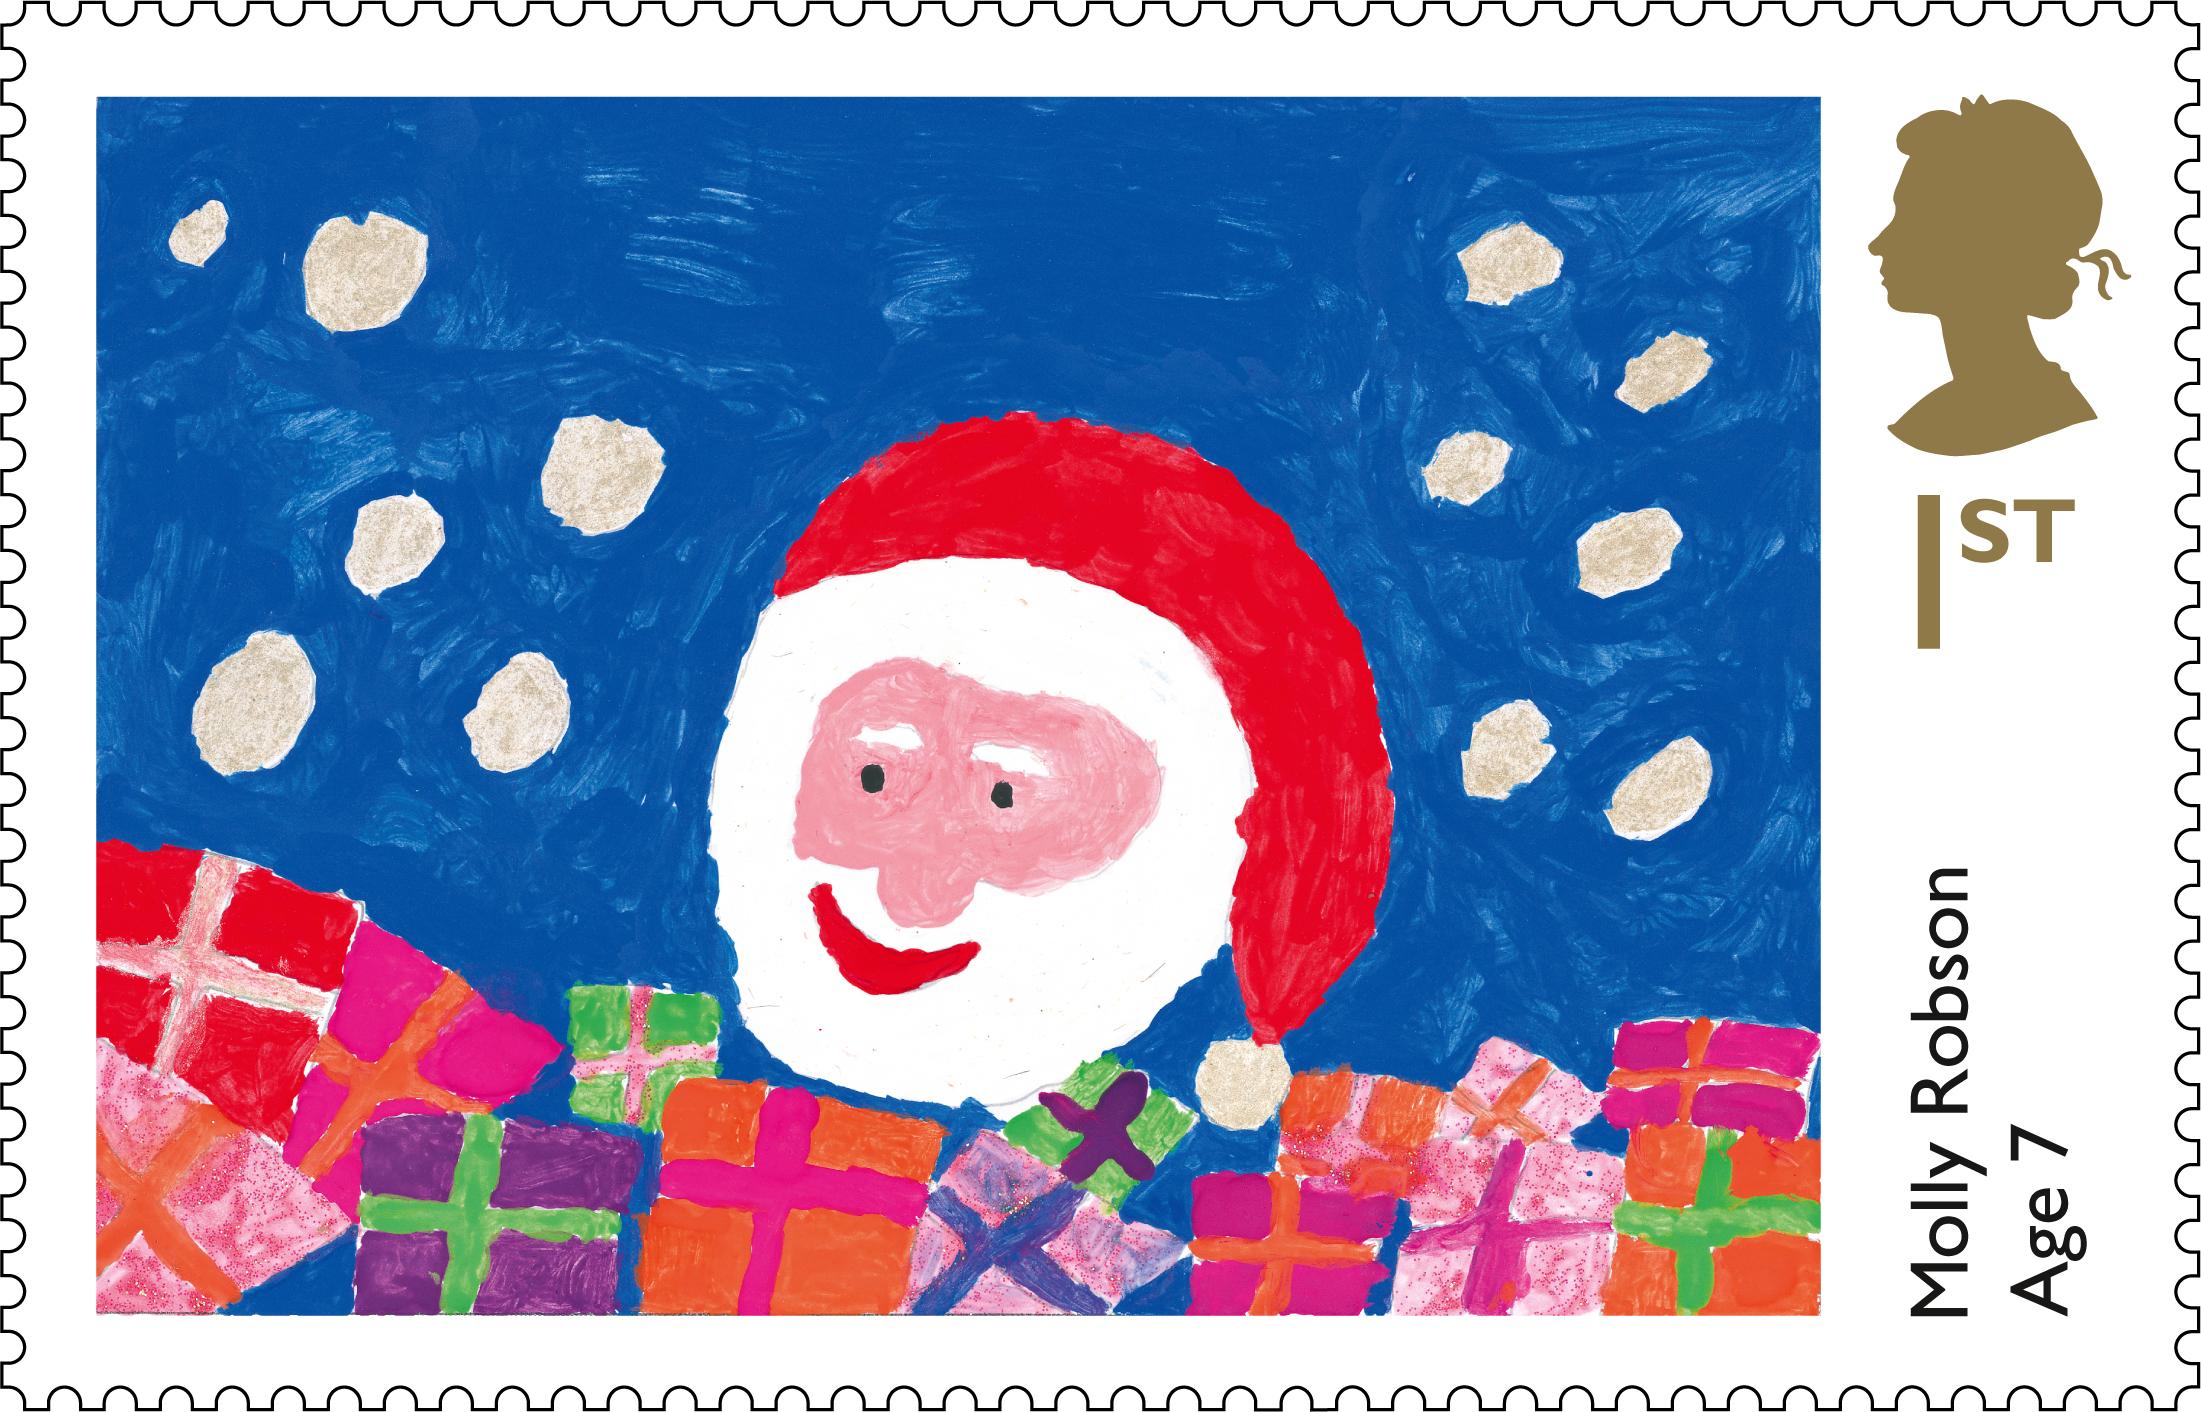 Hongkong Post Stamps - Newsletter - 2013 - September - Issue of ...